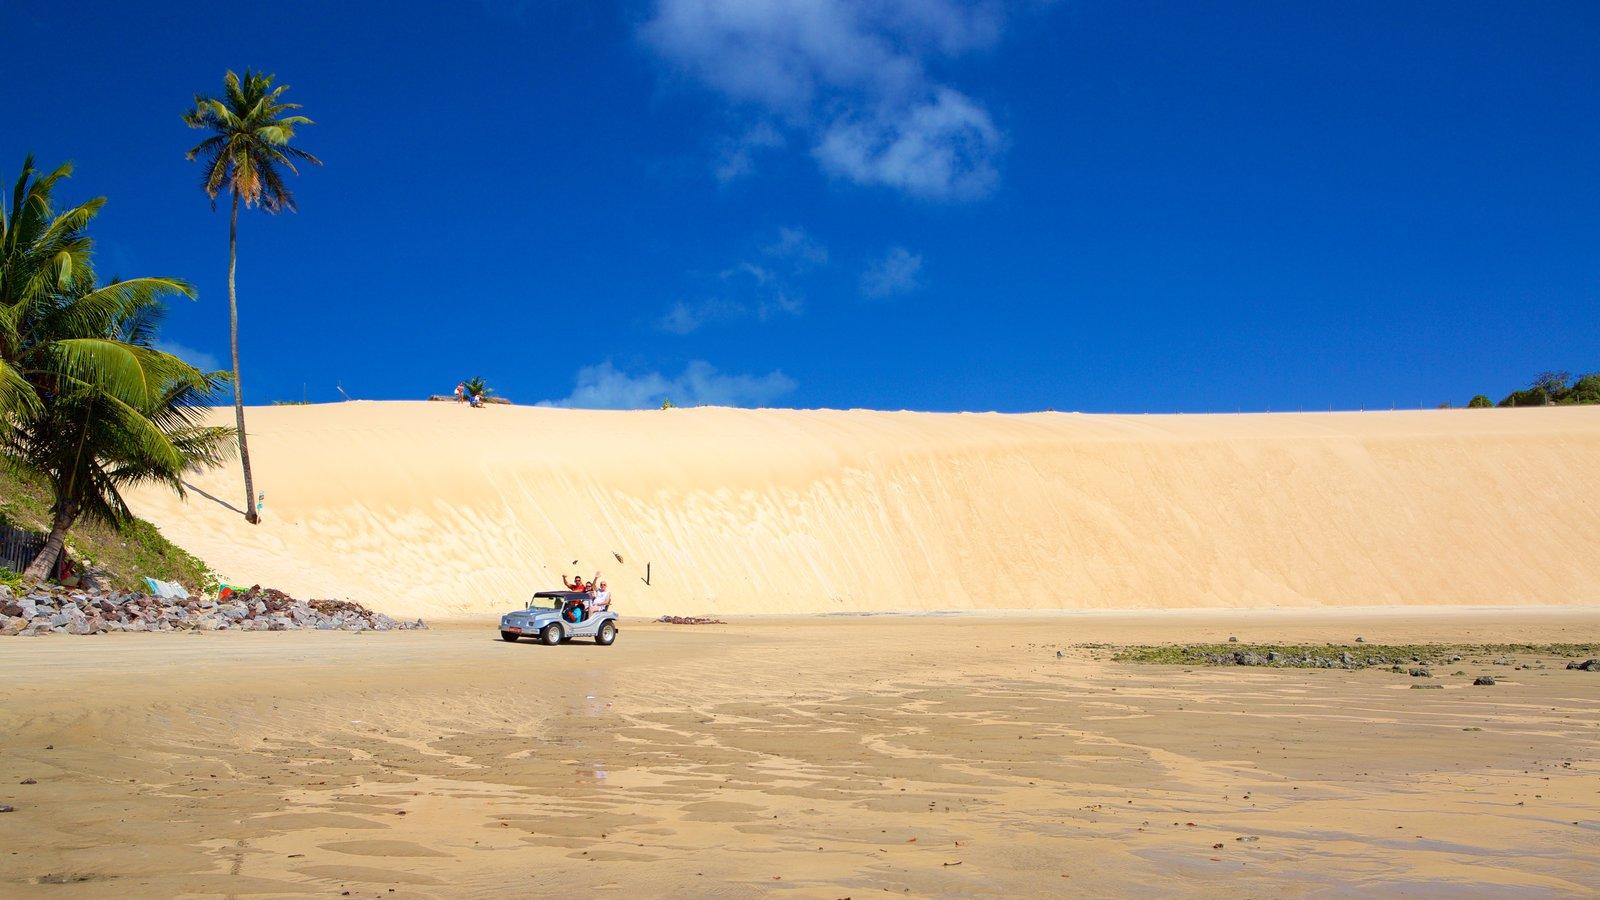 Praia de Genipabú caracterizando uma praia de areia e paisagens litorâneas